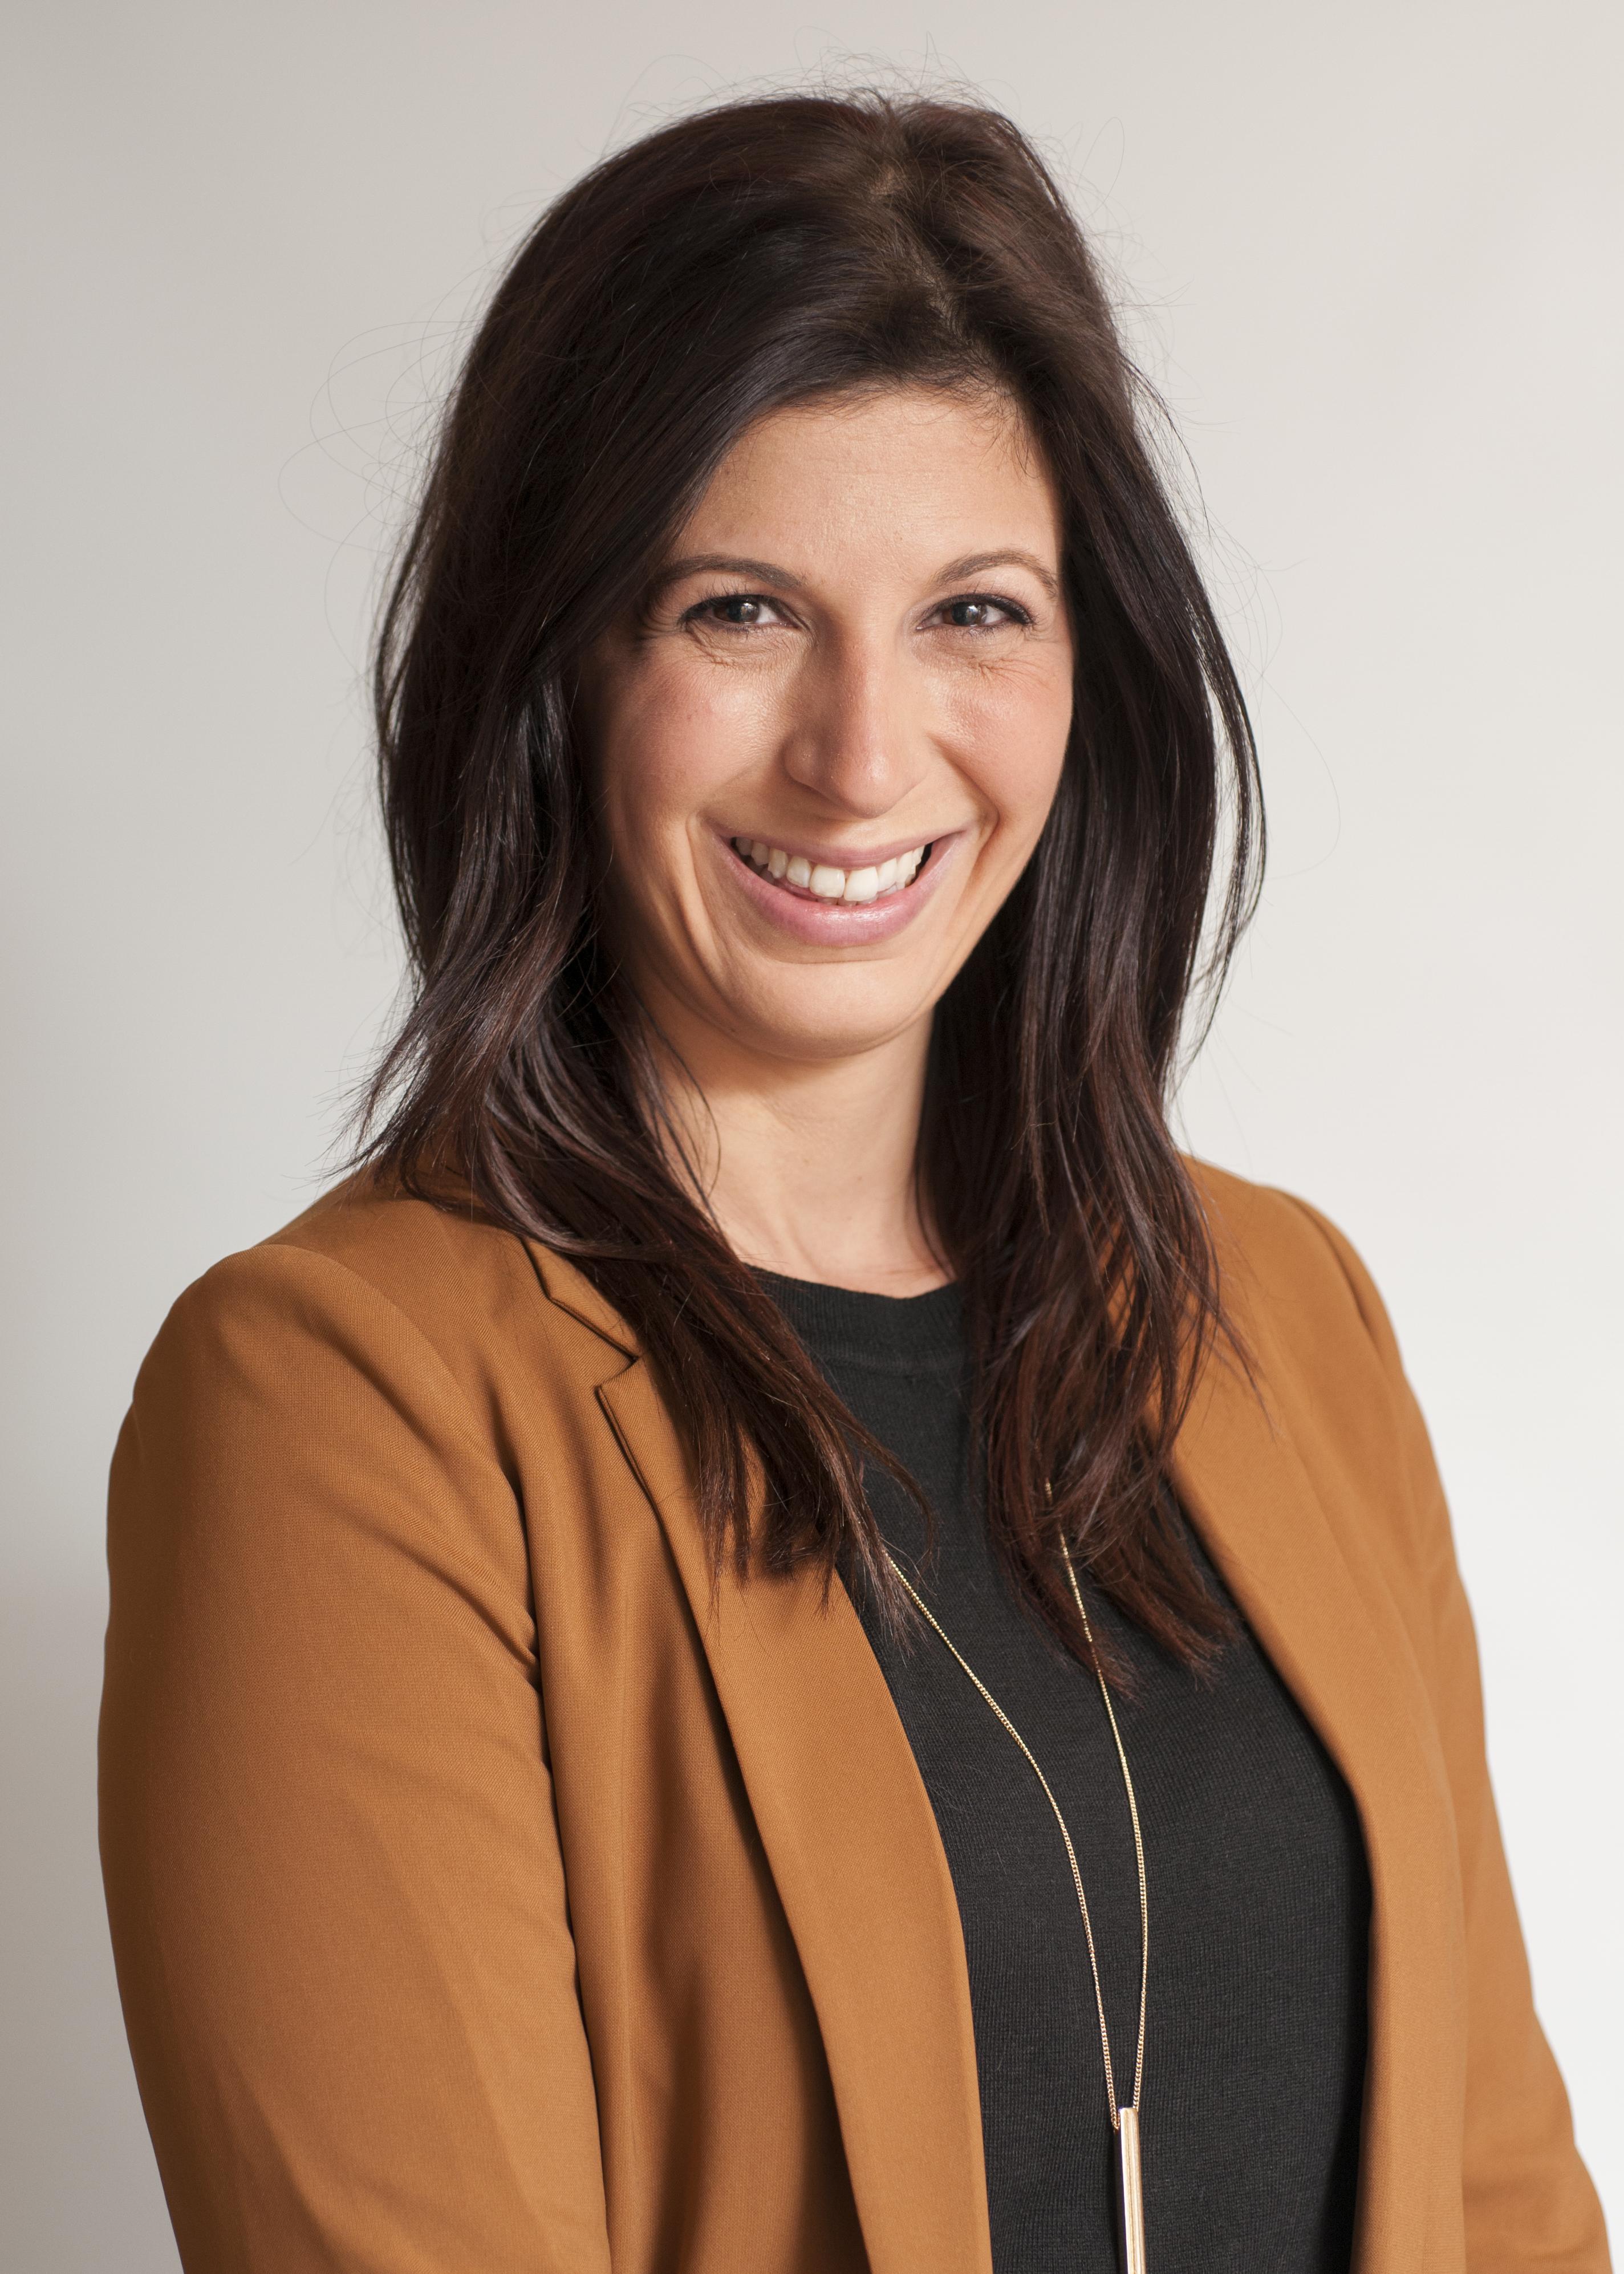 Randi Melissa Schuster, Ph.D.